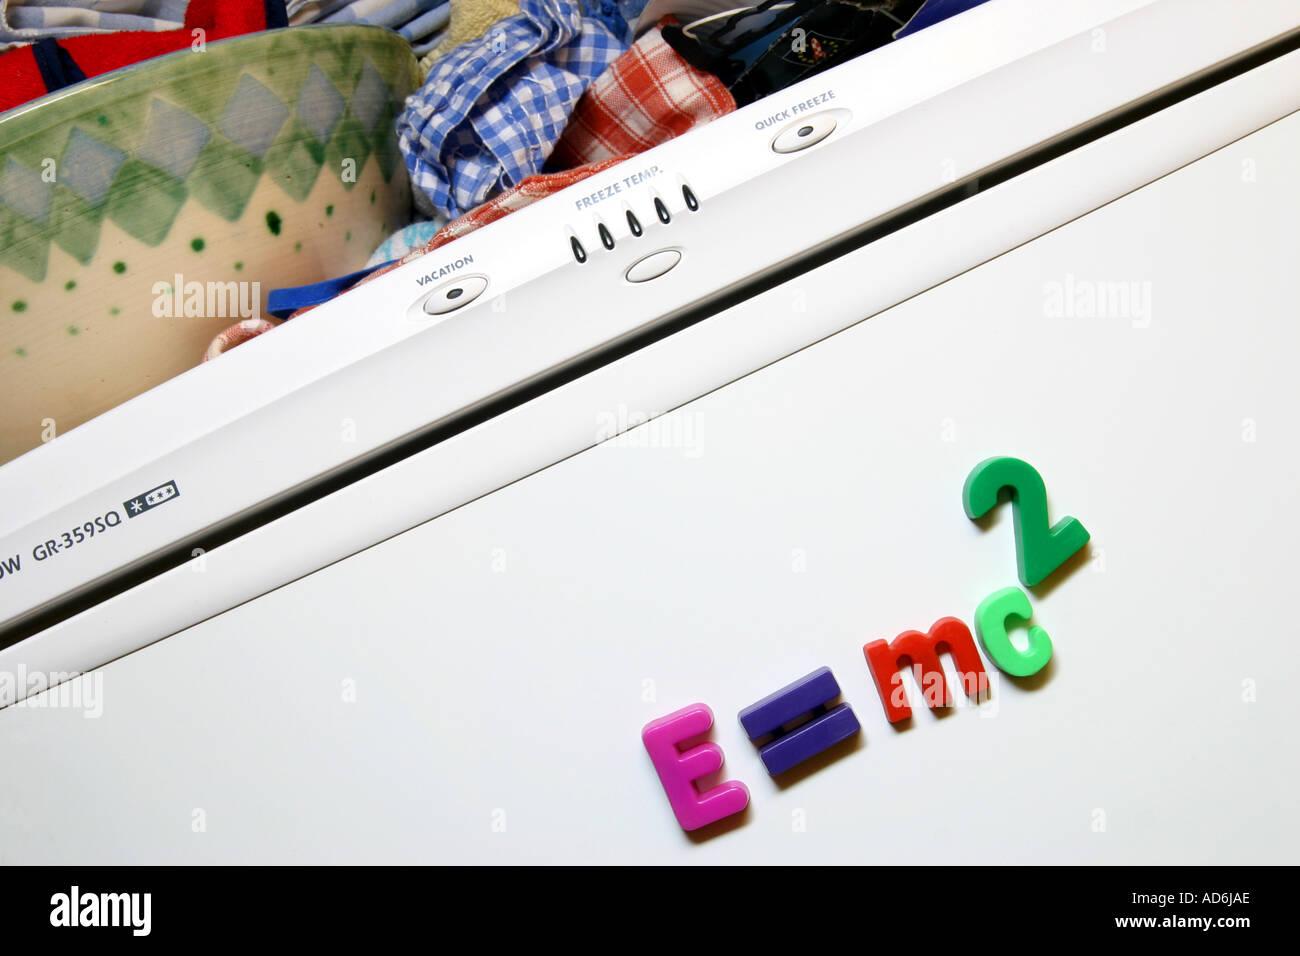 Kühlschrank Magnete : Kühlschrank magnete die rechtschreibung aus e mc2 albert einstien s